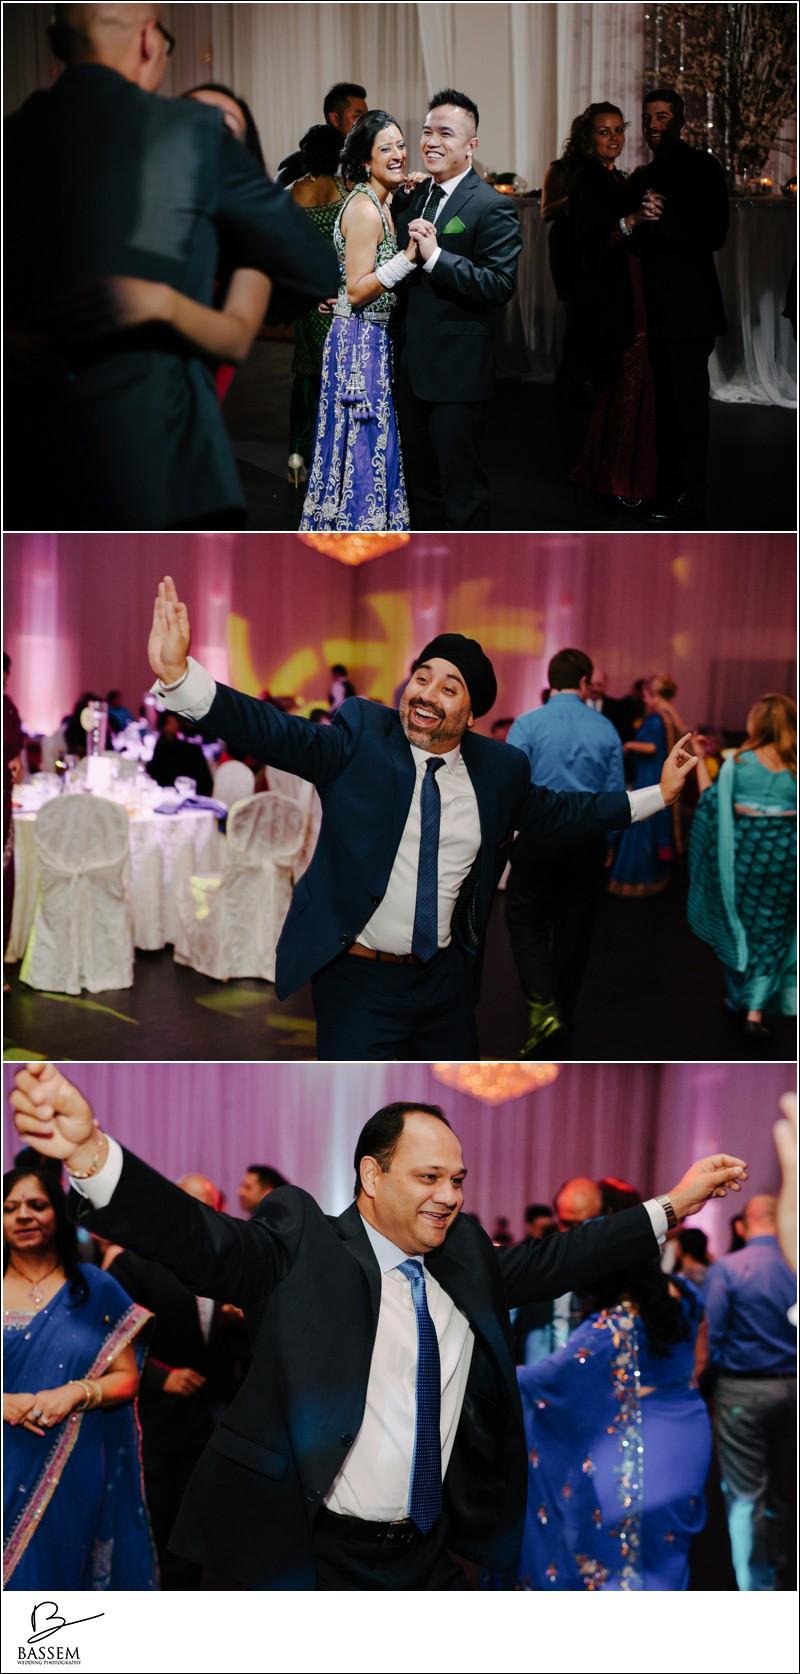 wedding_photos_hamilton_233